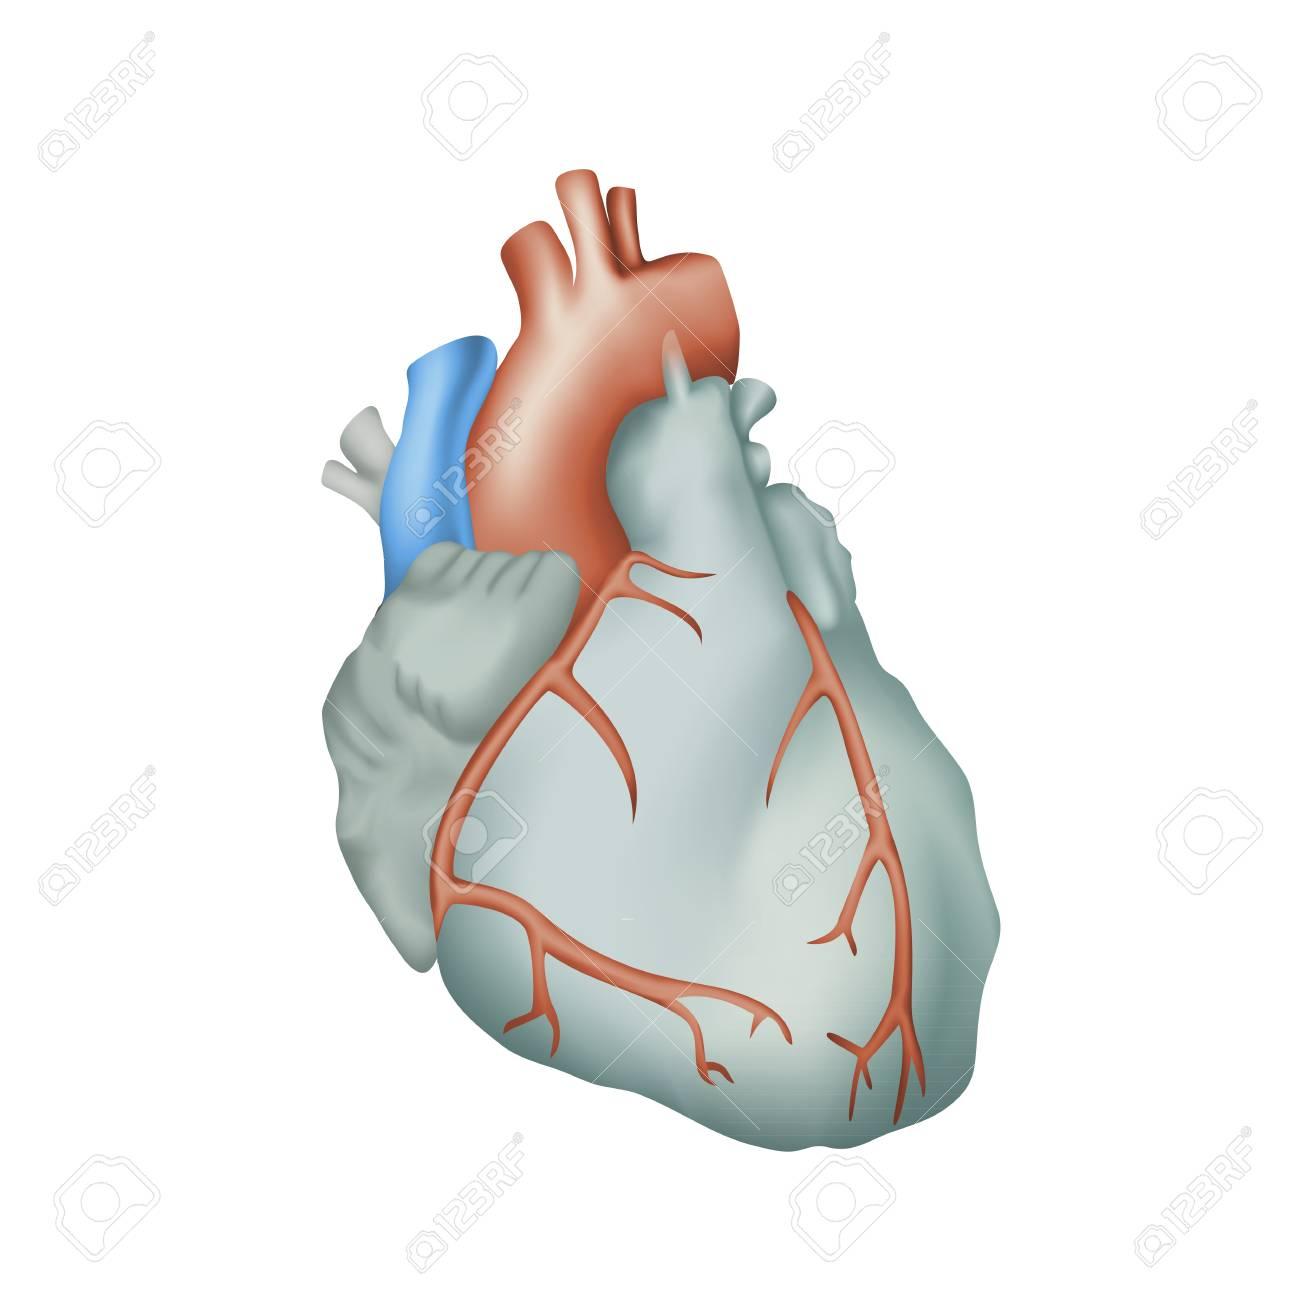 Human Heart. Anatomy Illustration. Colorful Image, White Background ...